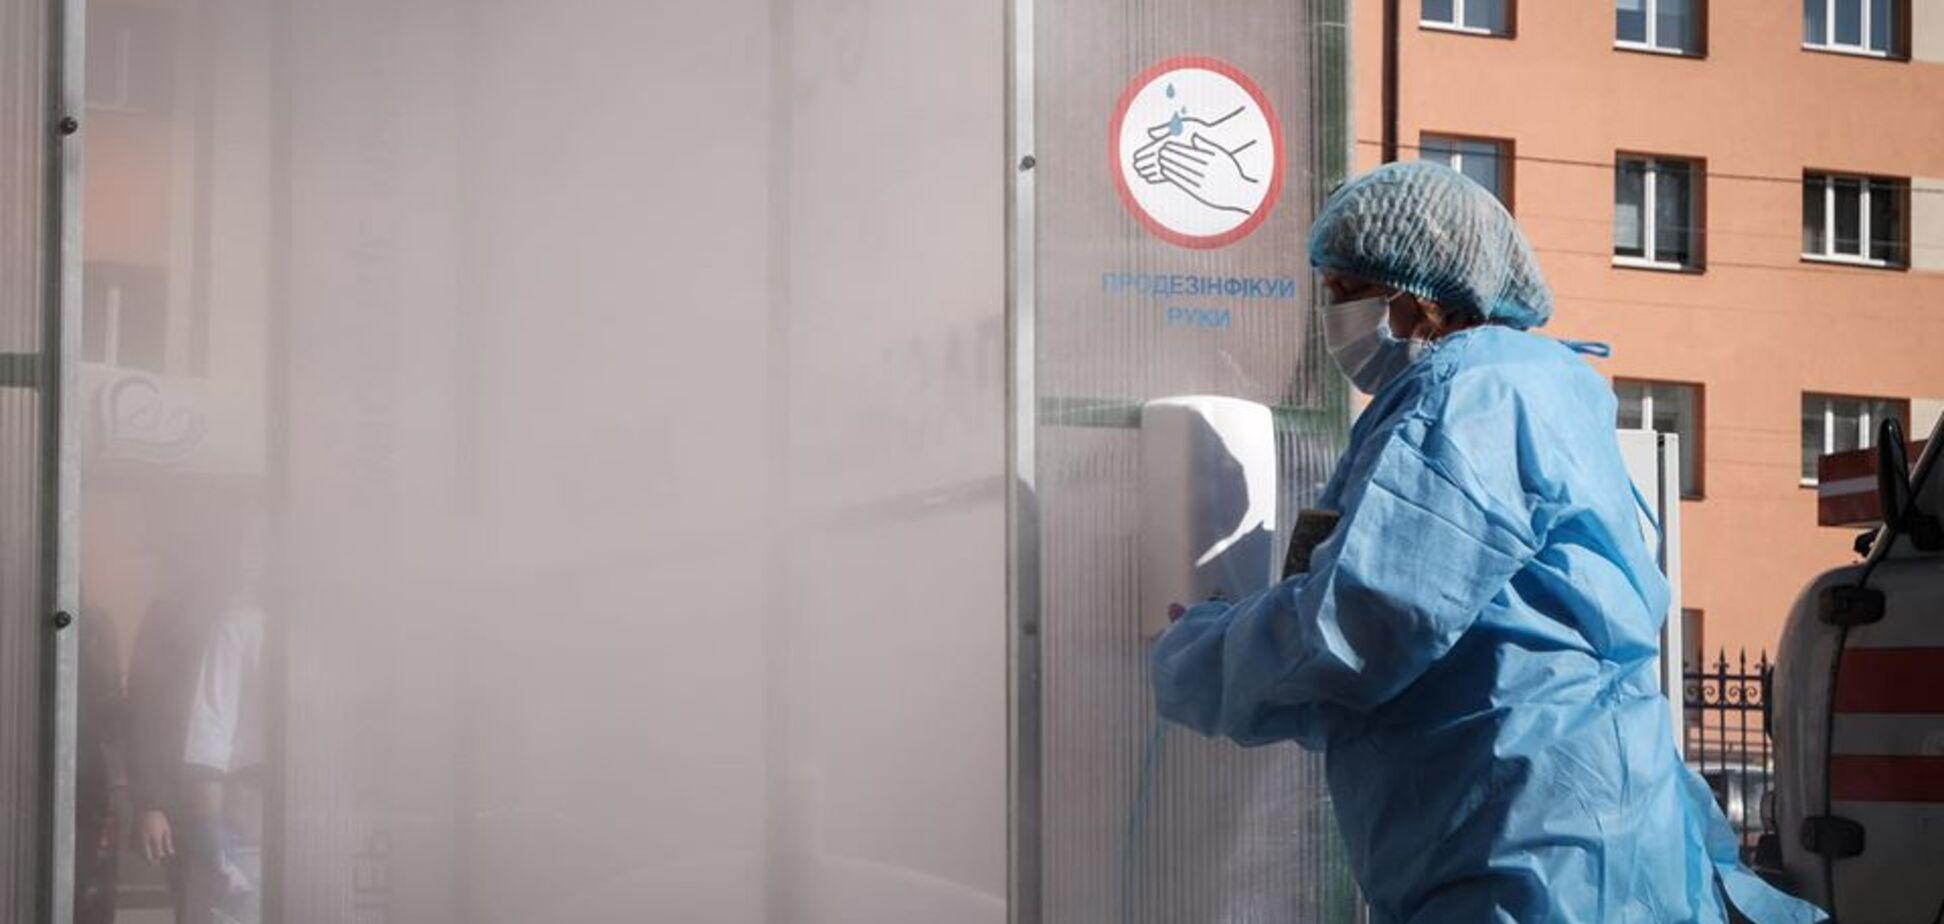 У Чернівцях для боротьби з COVID-19 встановили 'вбивцю бактерій'. Фото